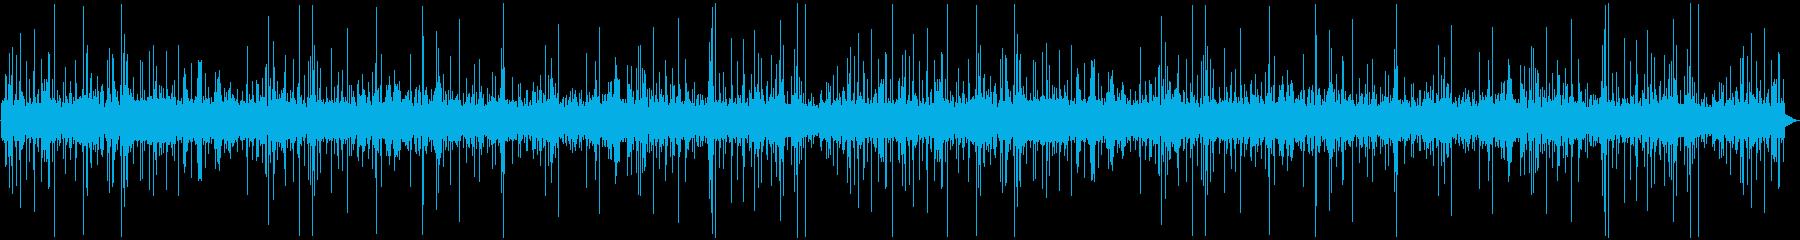 天気 雨04の再生済みの波形